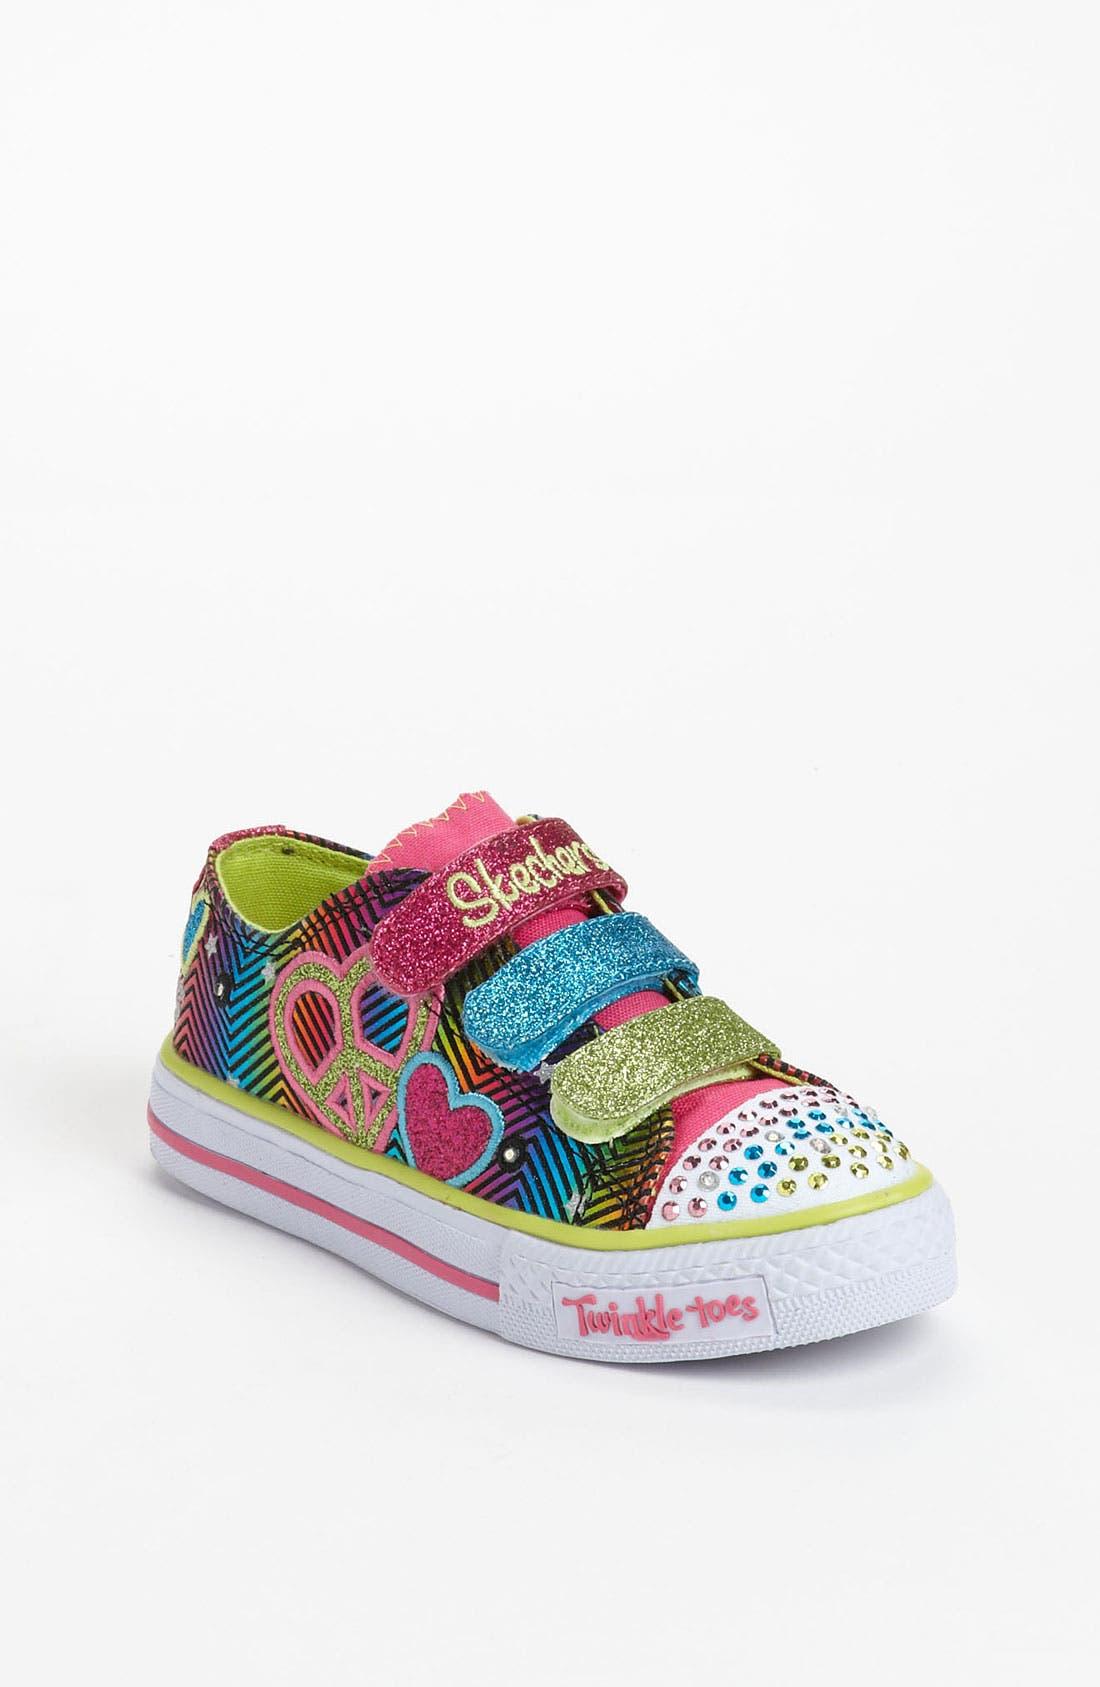 Main Image - SKECHERS 'Shuffles - Baby Luv' Sneaker (Toddler & Little Kid)